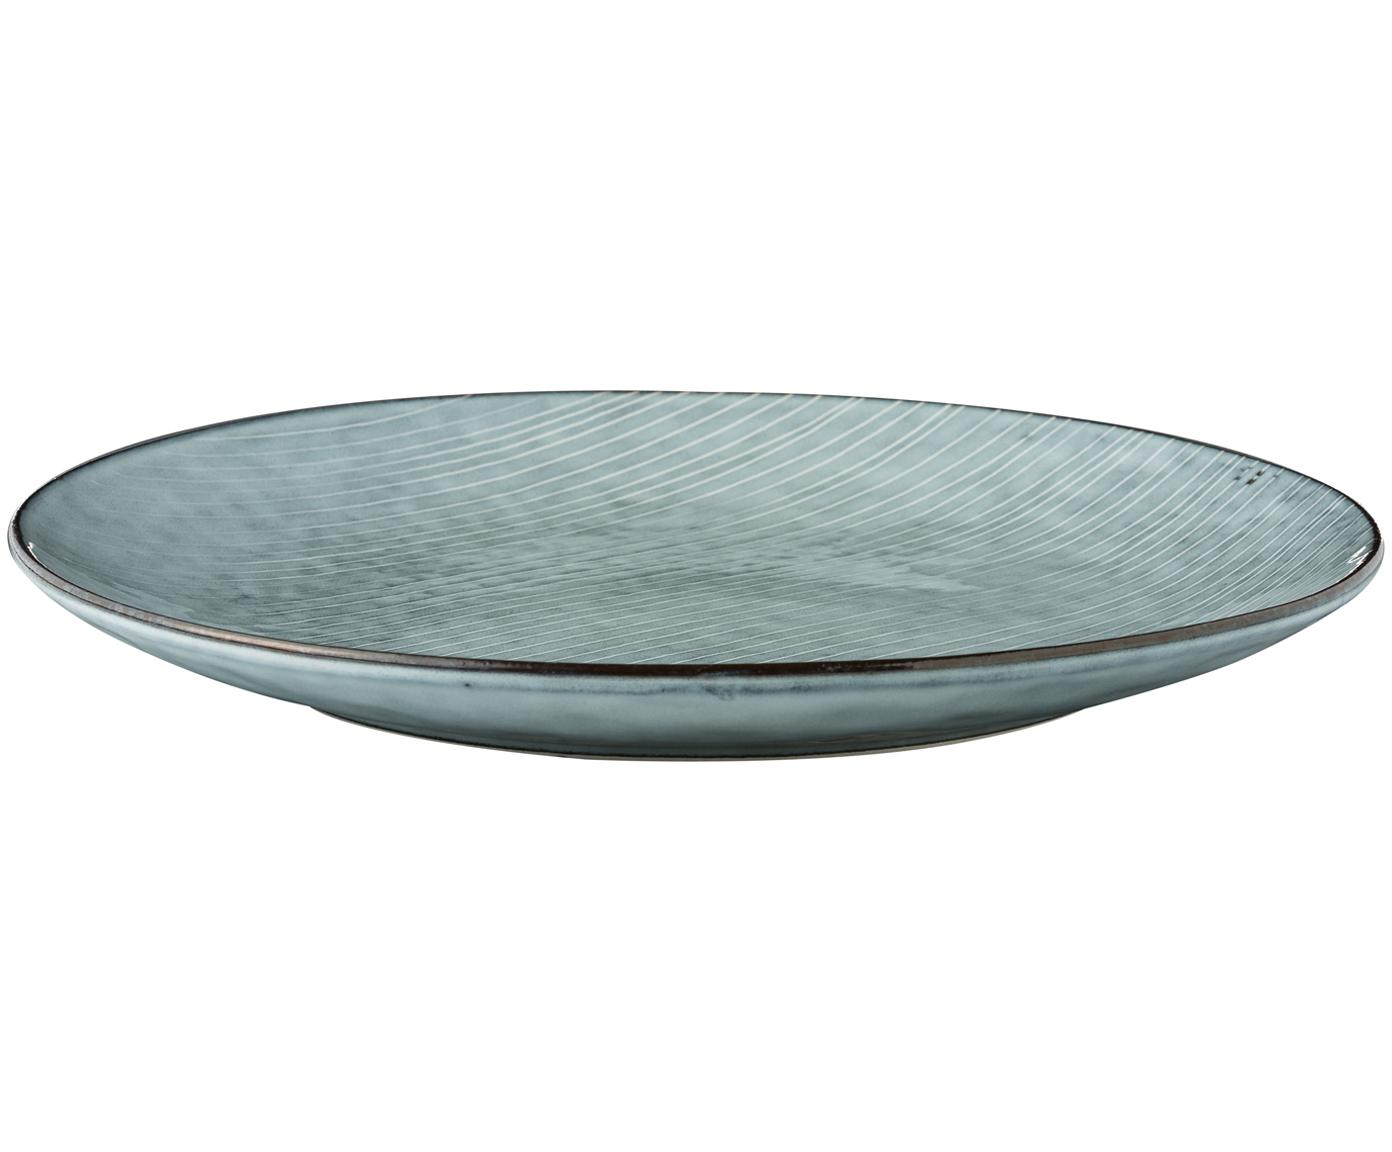 Handgemachte Platzteller Nordic Sea, 4 Stück, Steingut, Grau- und Blautöne, Ø 31 cm